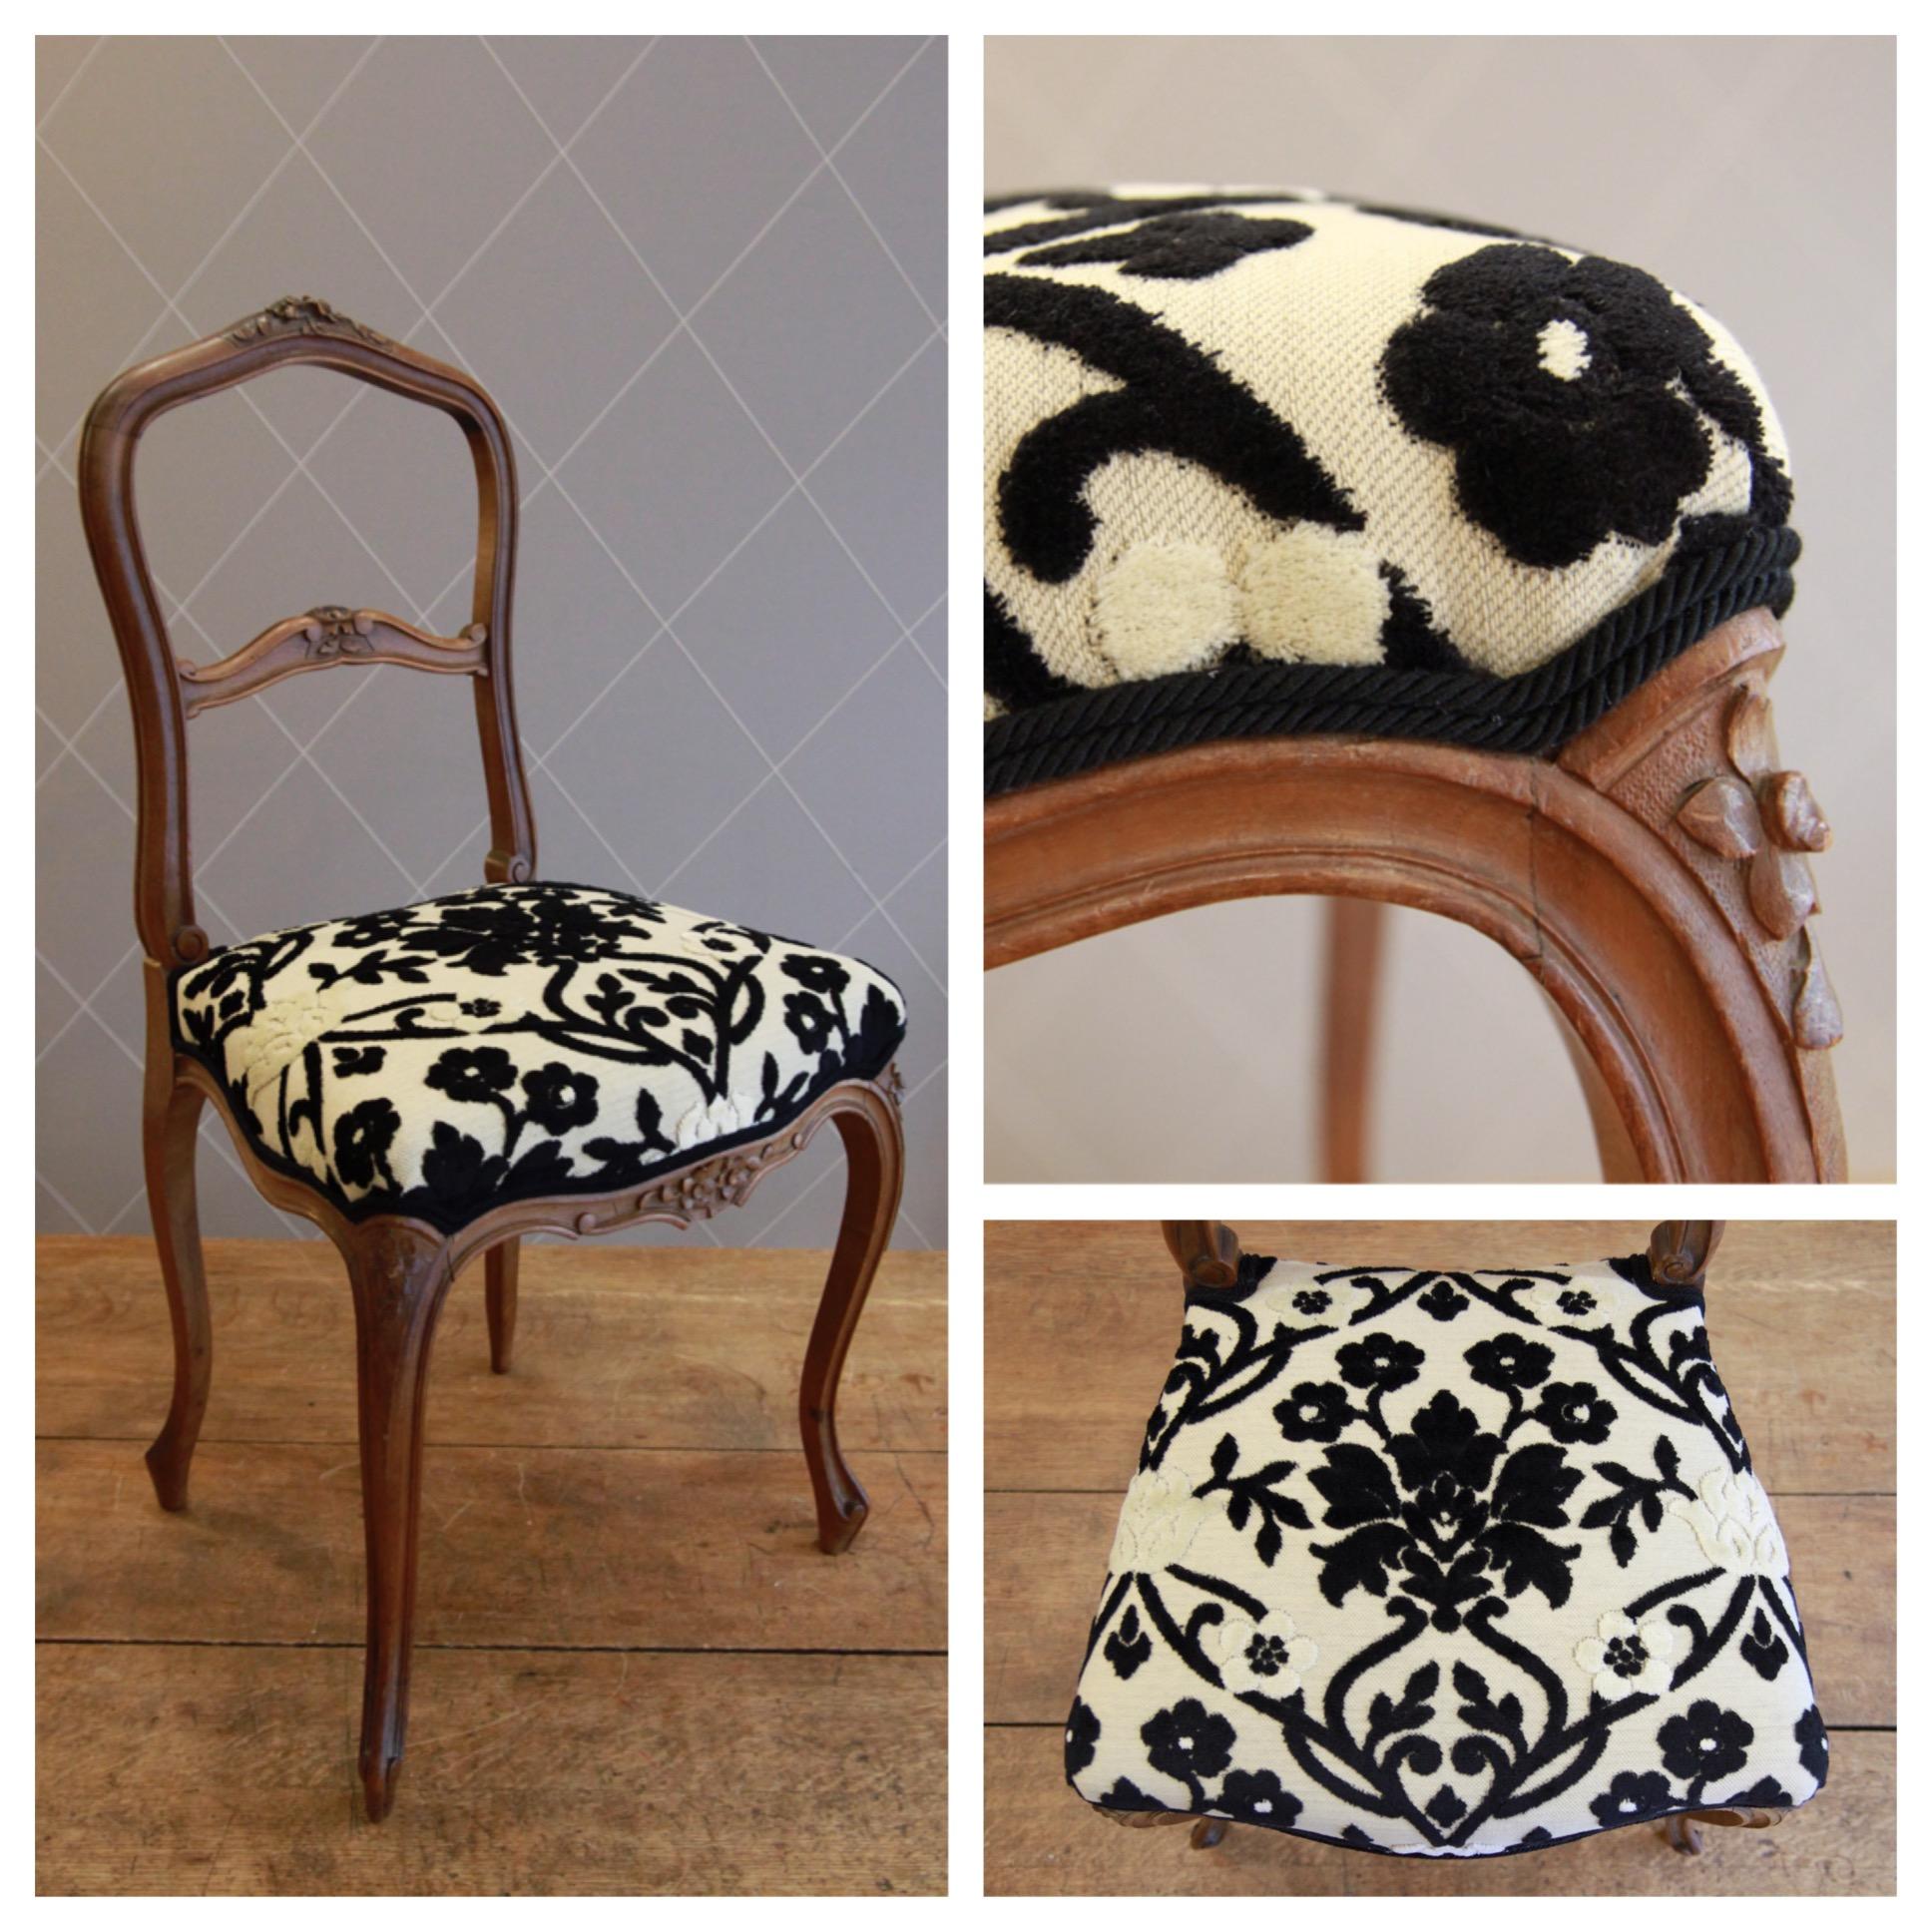 Galette de chaise noir et blanc images - Chaise noir et blanc ...